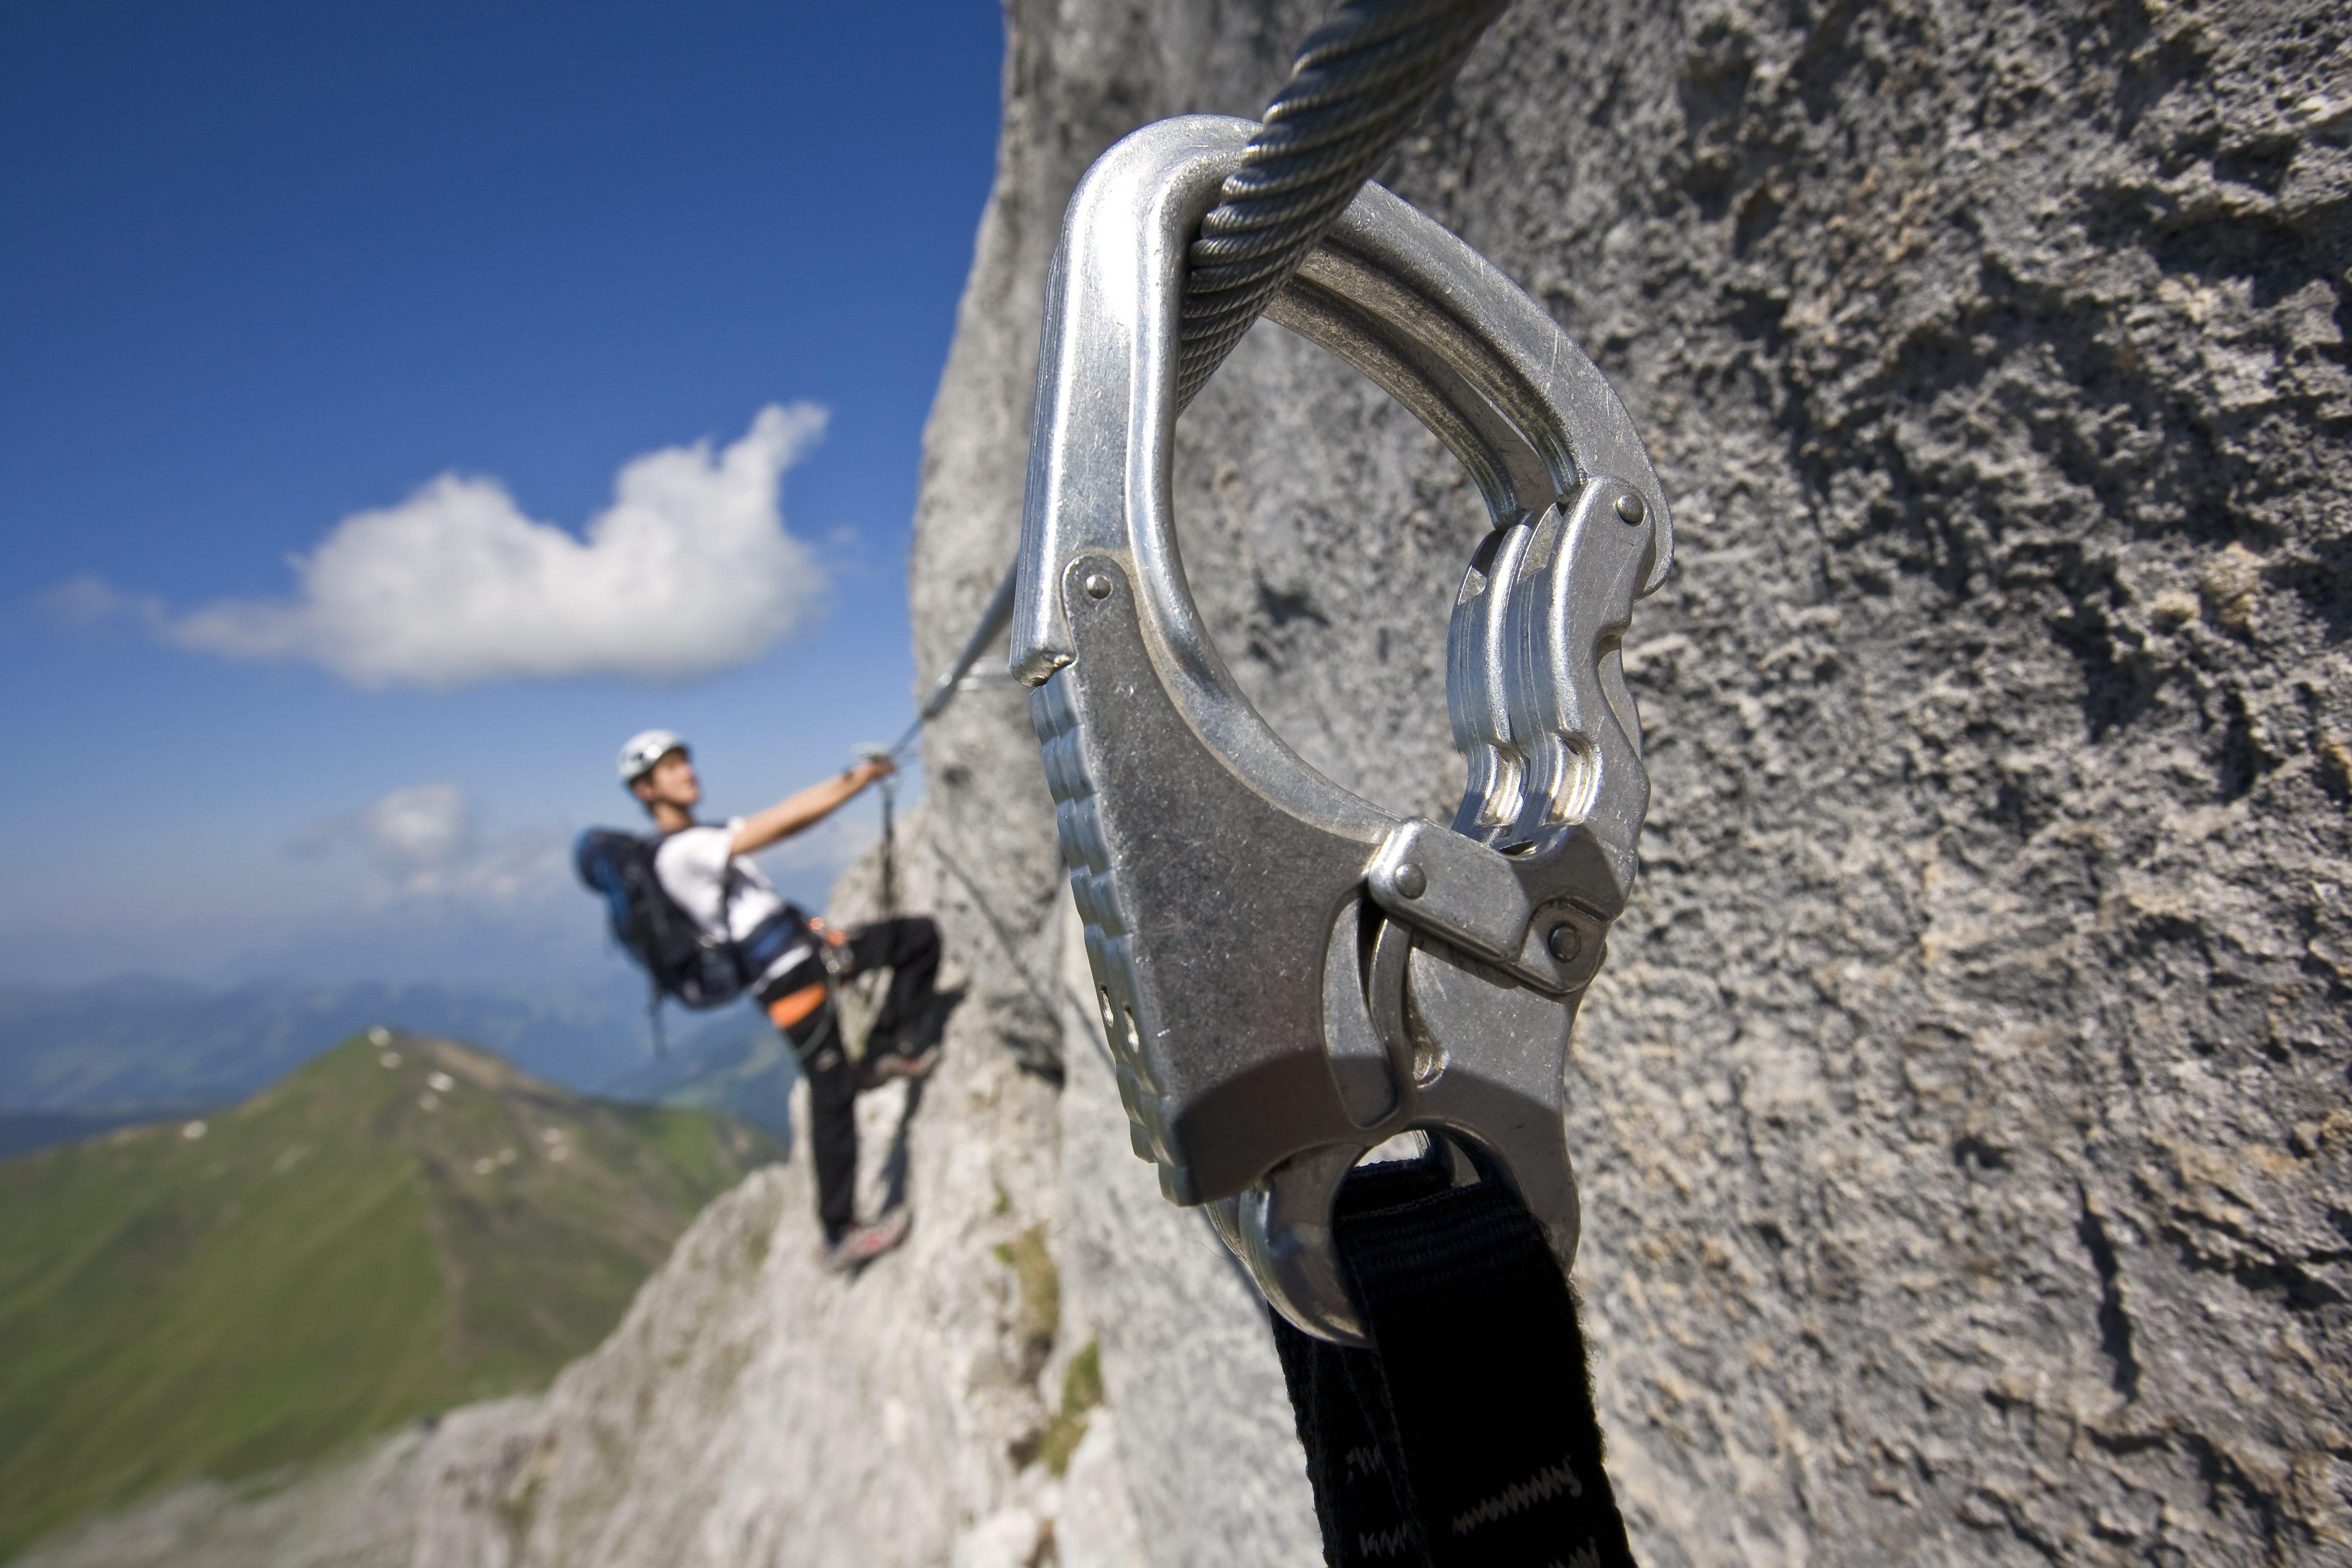 Klettersteigset Worauf Achten : Klettersteigsets: darauf müssen sie achten!